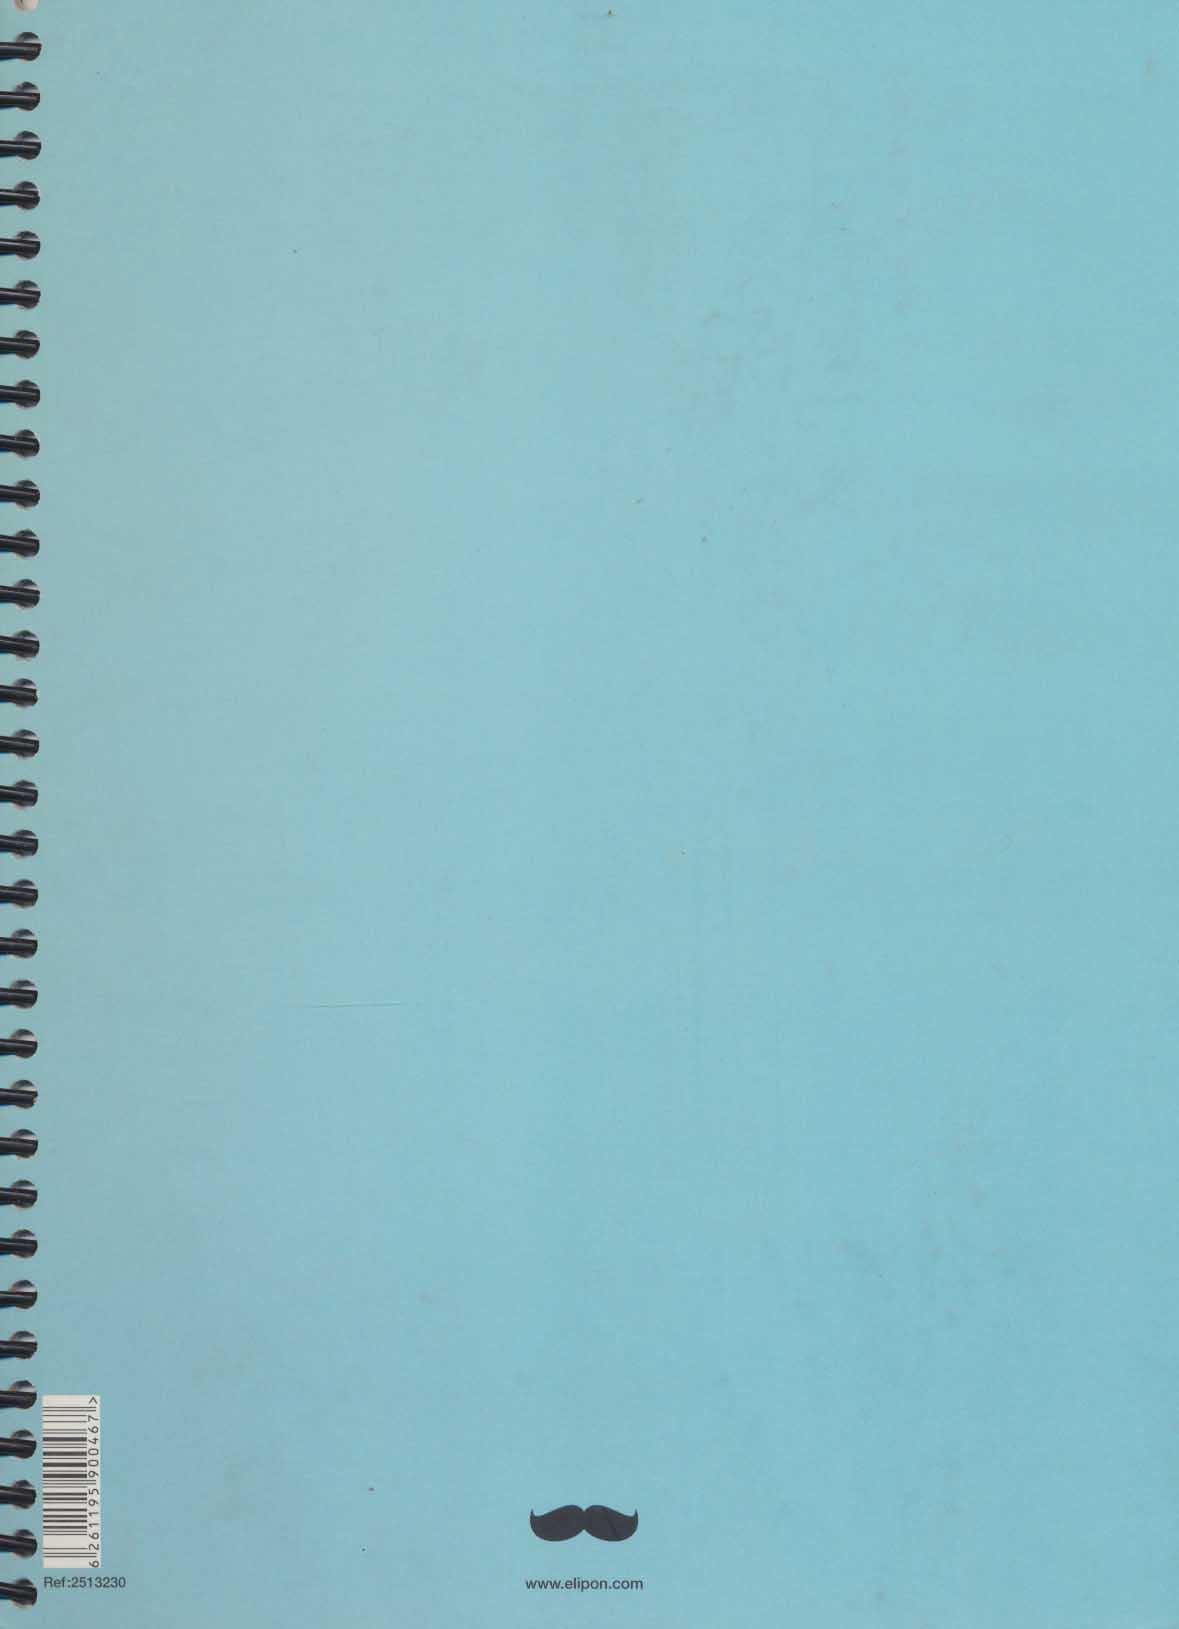 دفتر یادداشت خط دار فانتزی 200 برگ (3طرح،کد 251)،(سیمی)